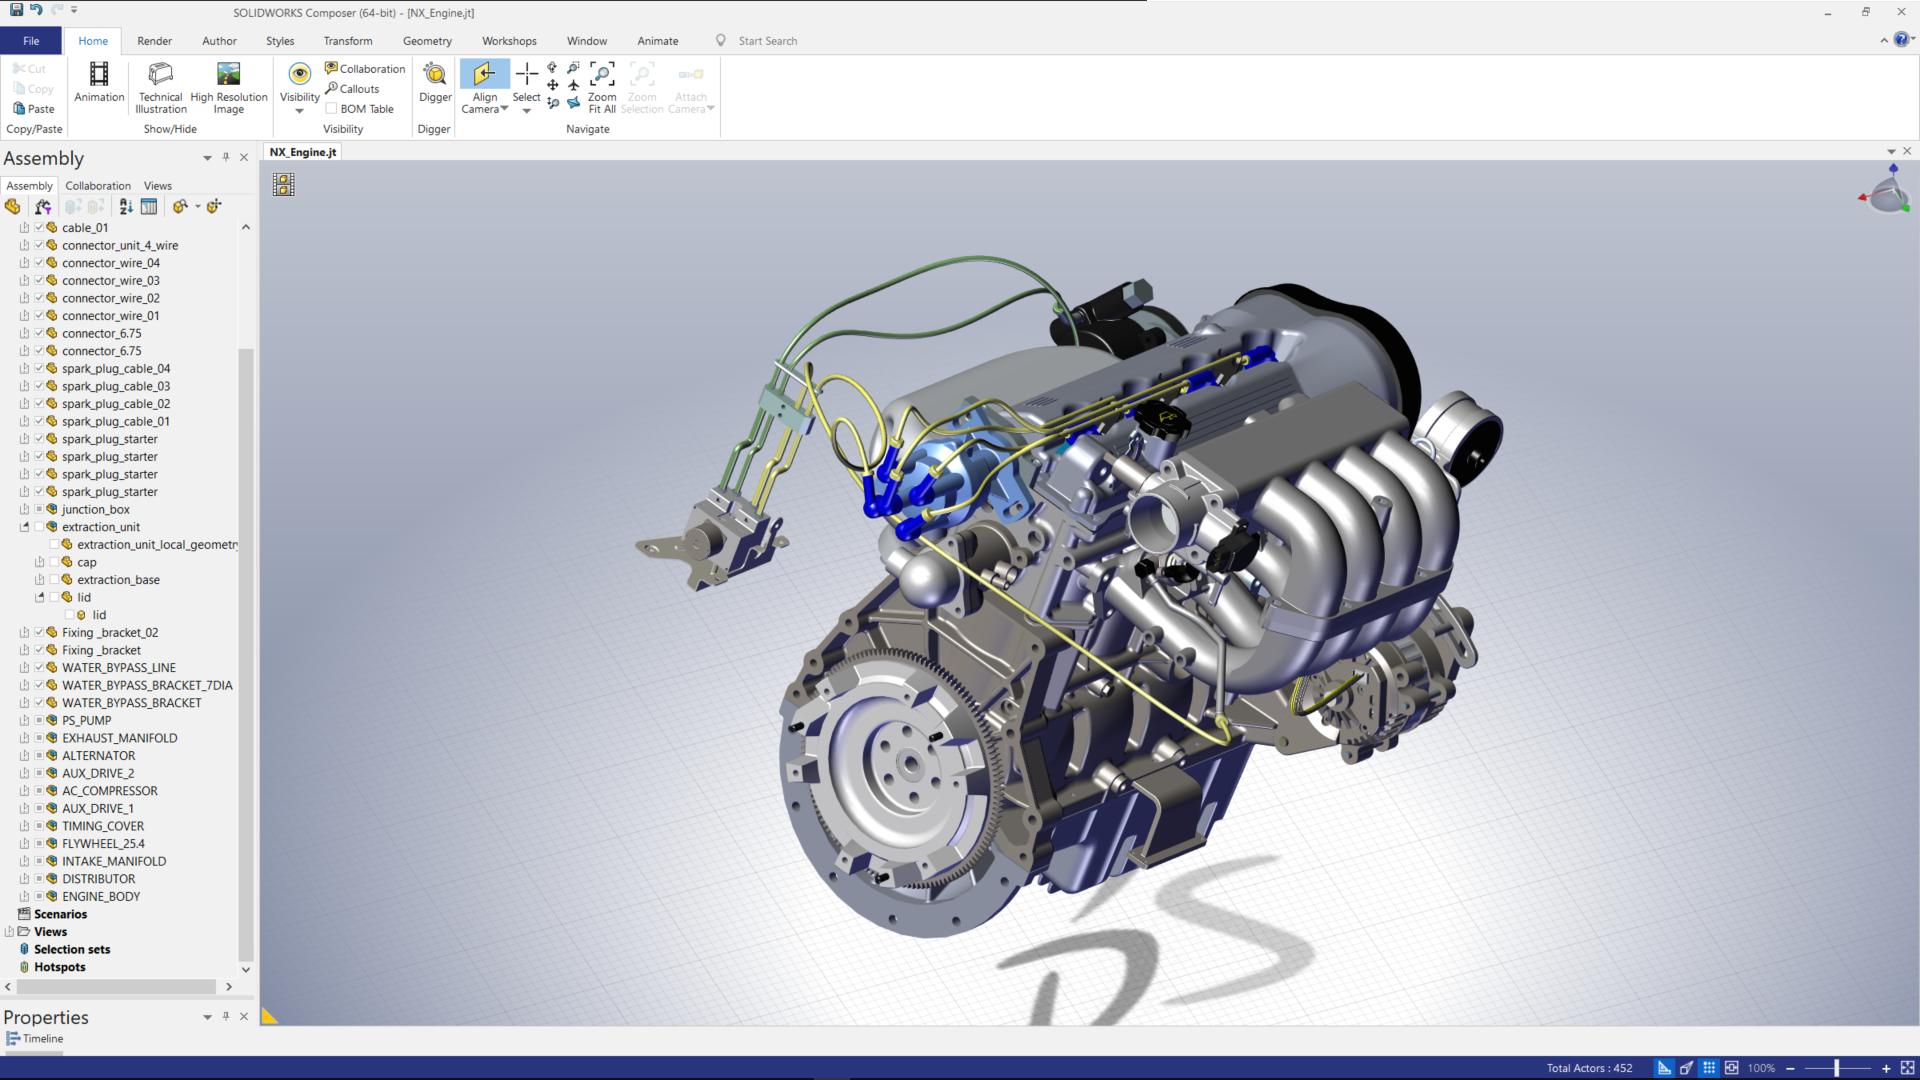 SWC_engine